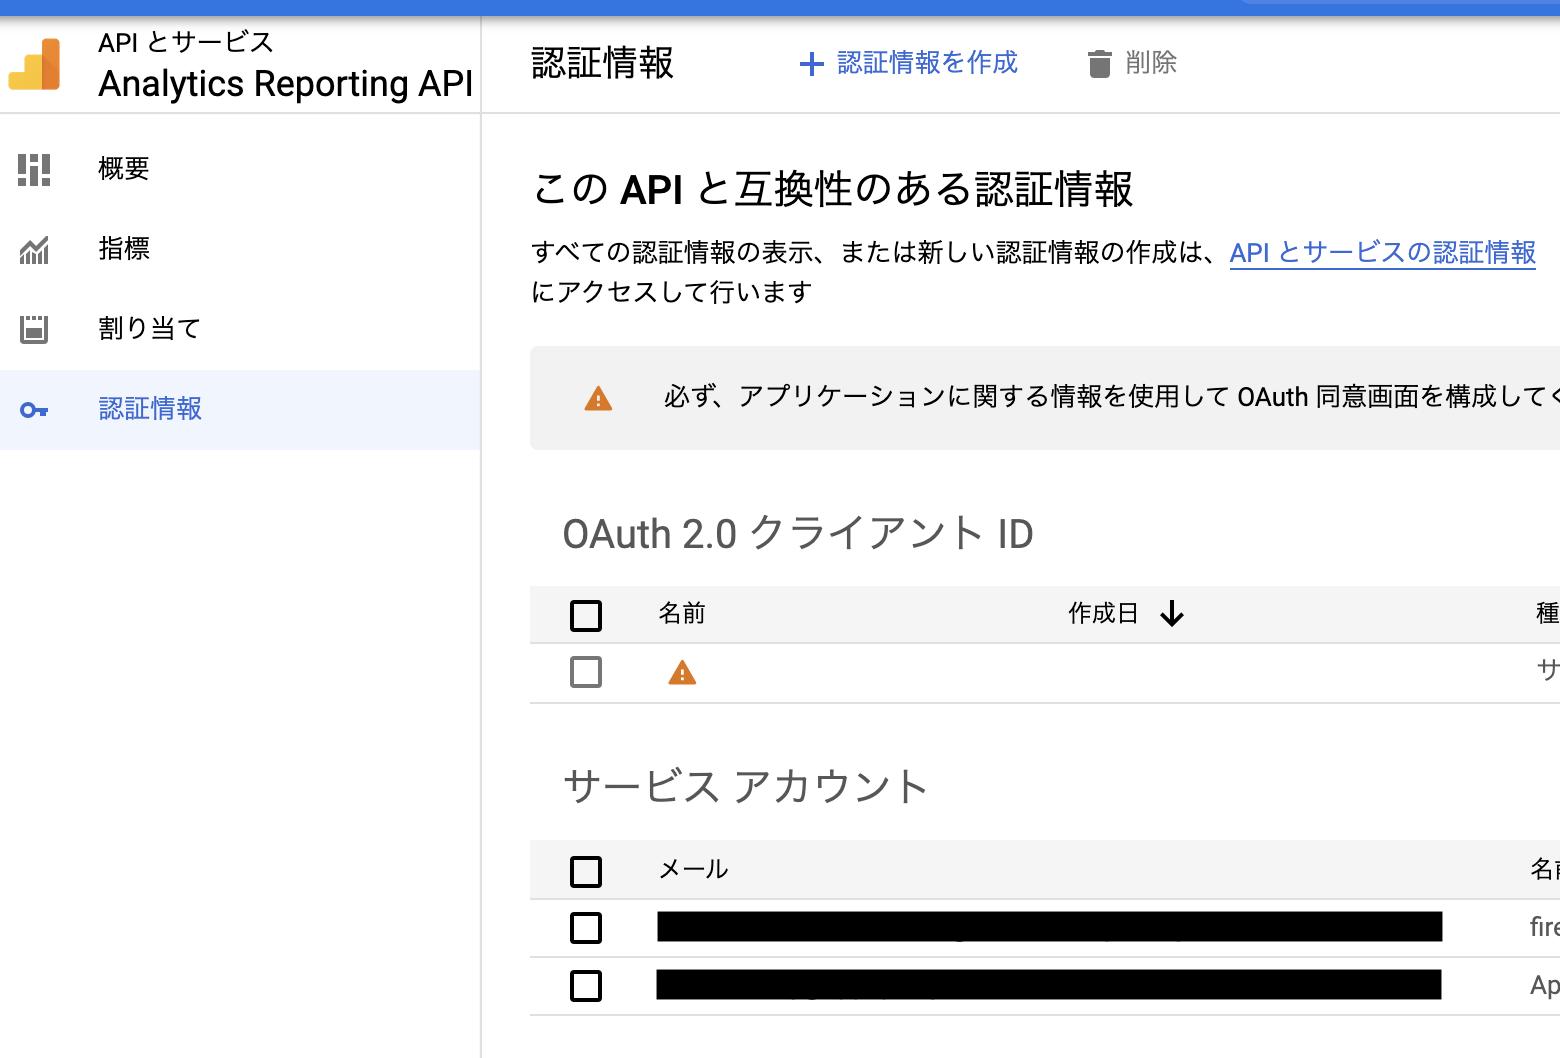 https://res.cloudinary.com/dw86z2fnr/image/upload/v1620383434/titanicrising.jp/popular-article/_2020-09-19_11.24.38_txcxqc.png